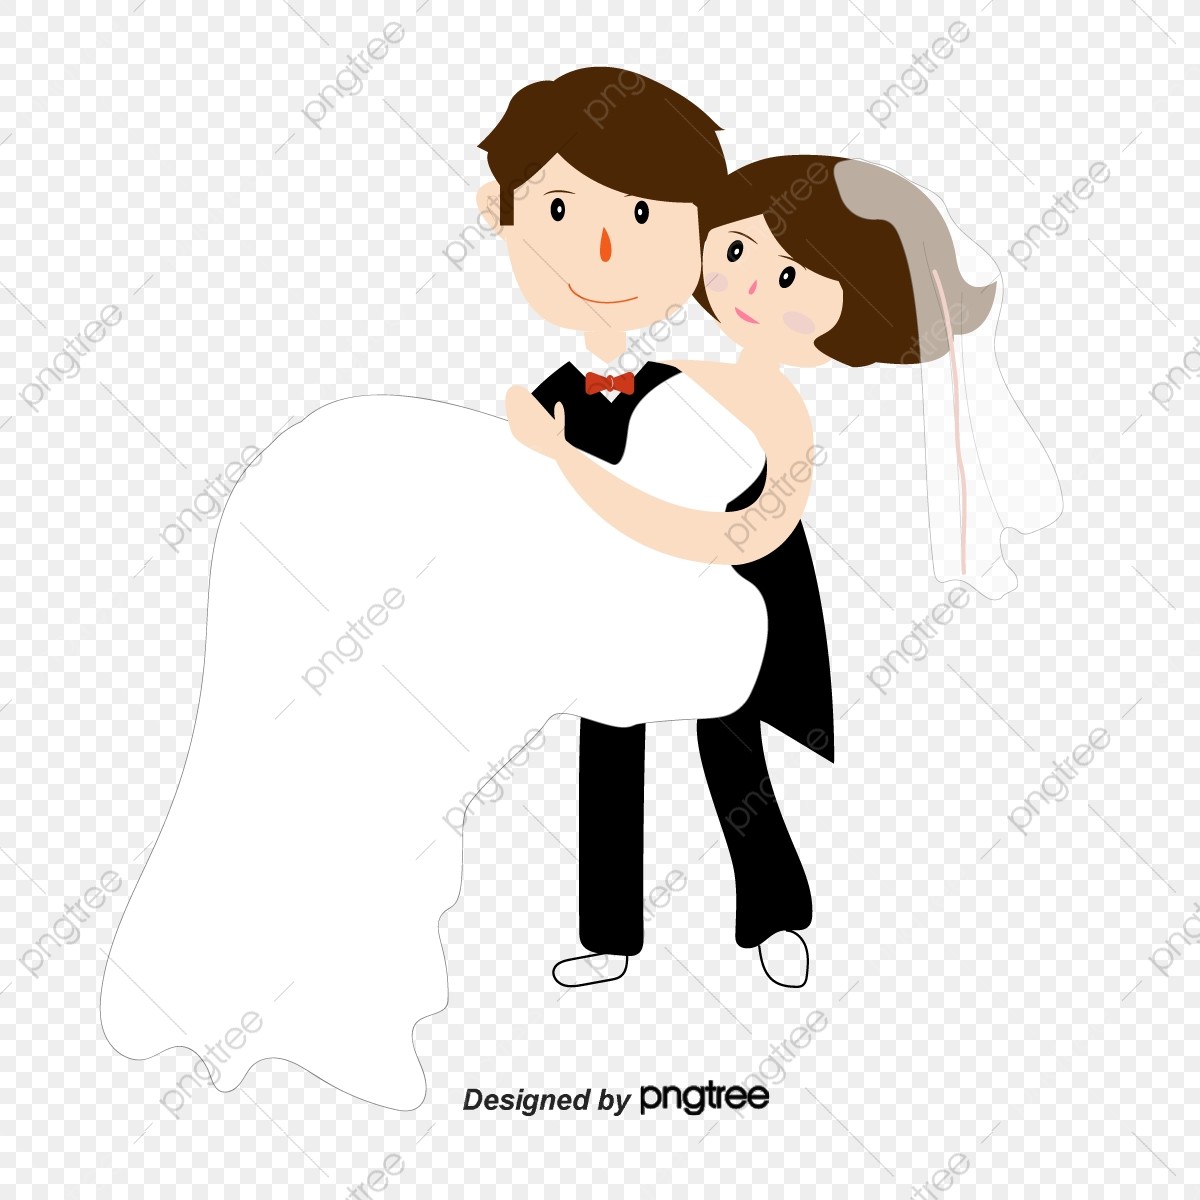 Wedding Cartoon Characters, Cartoon Clipart, Bridegroom PNG.